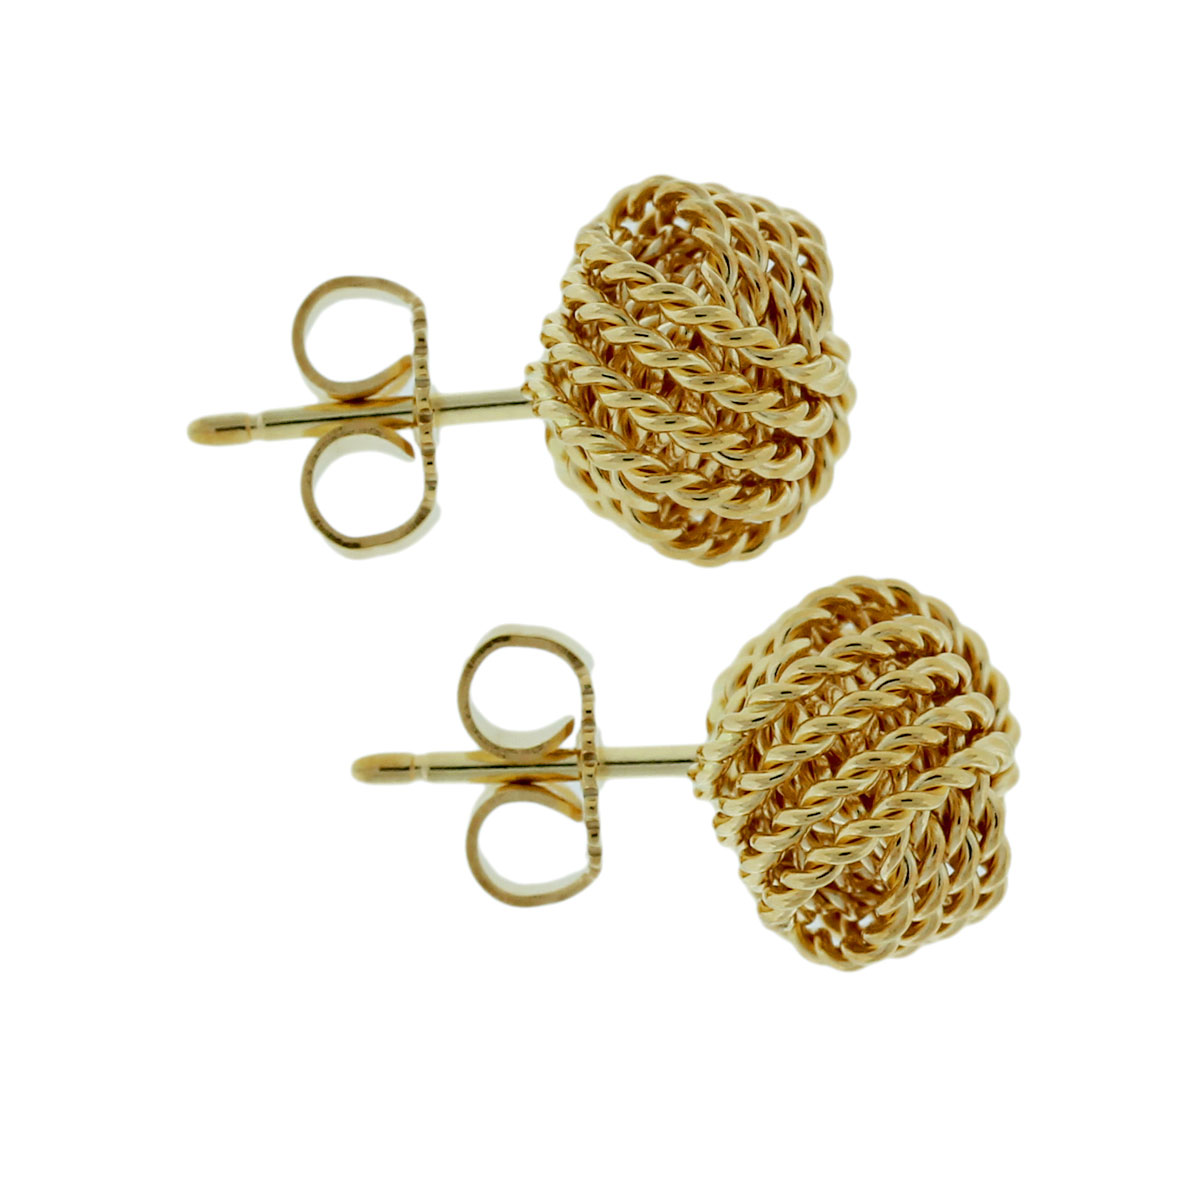 Tiffany & Co. 18k Gold Knot Earrings